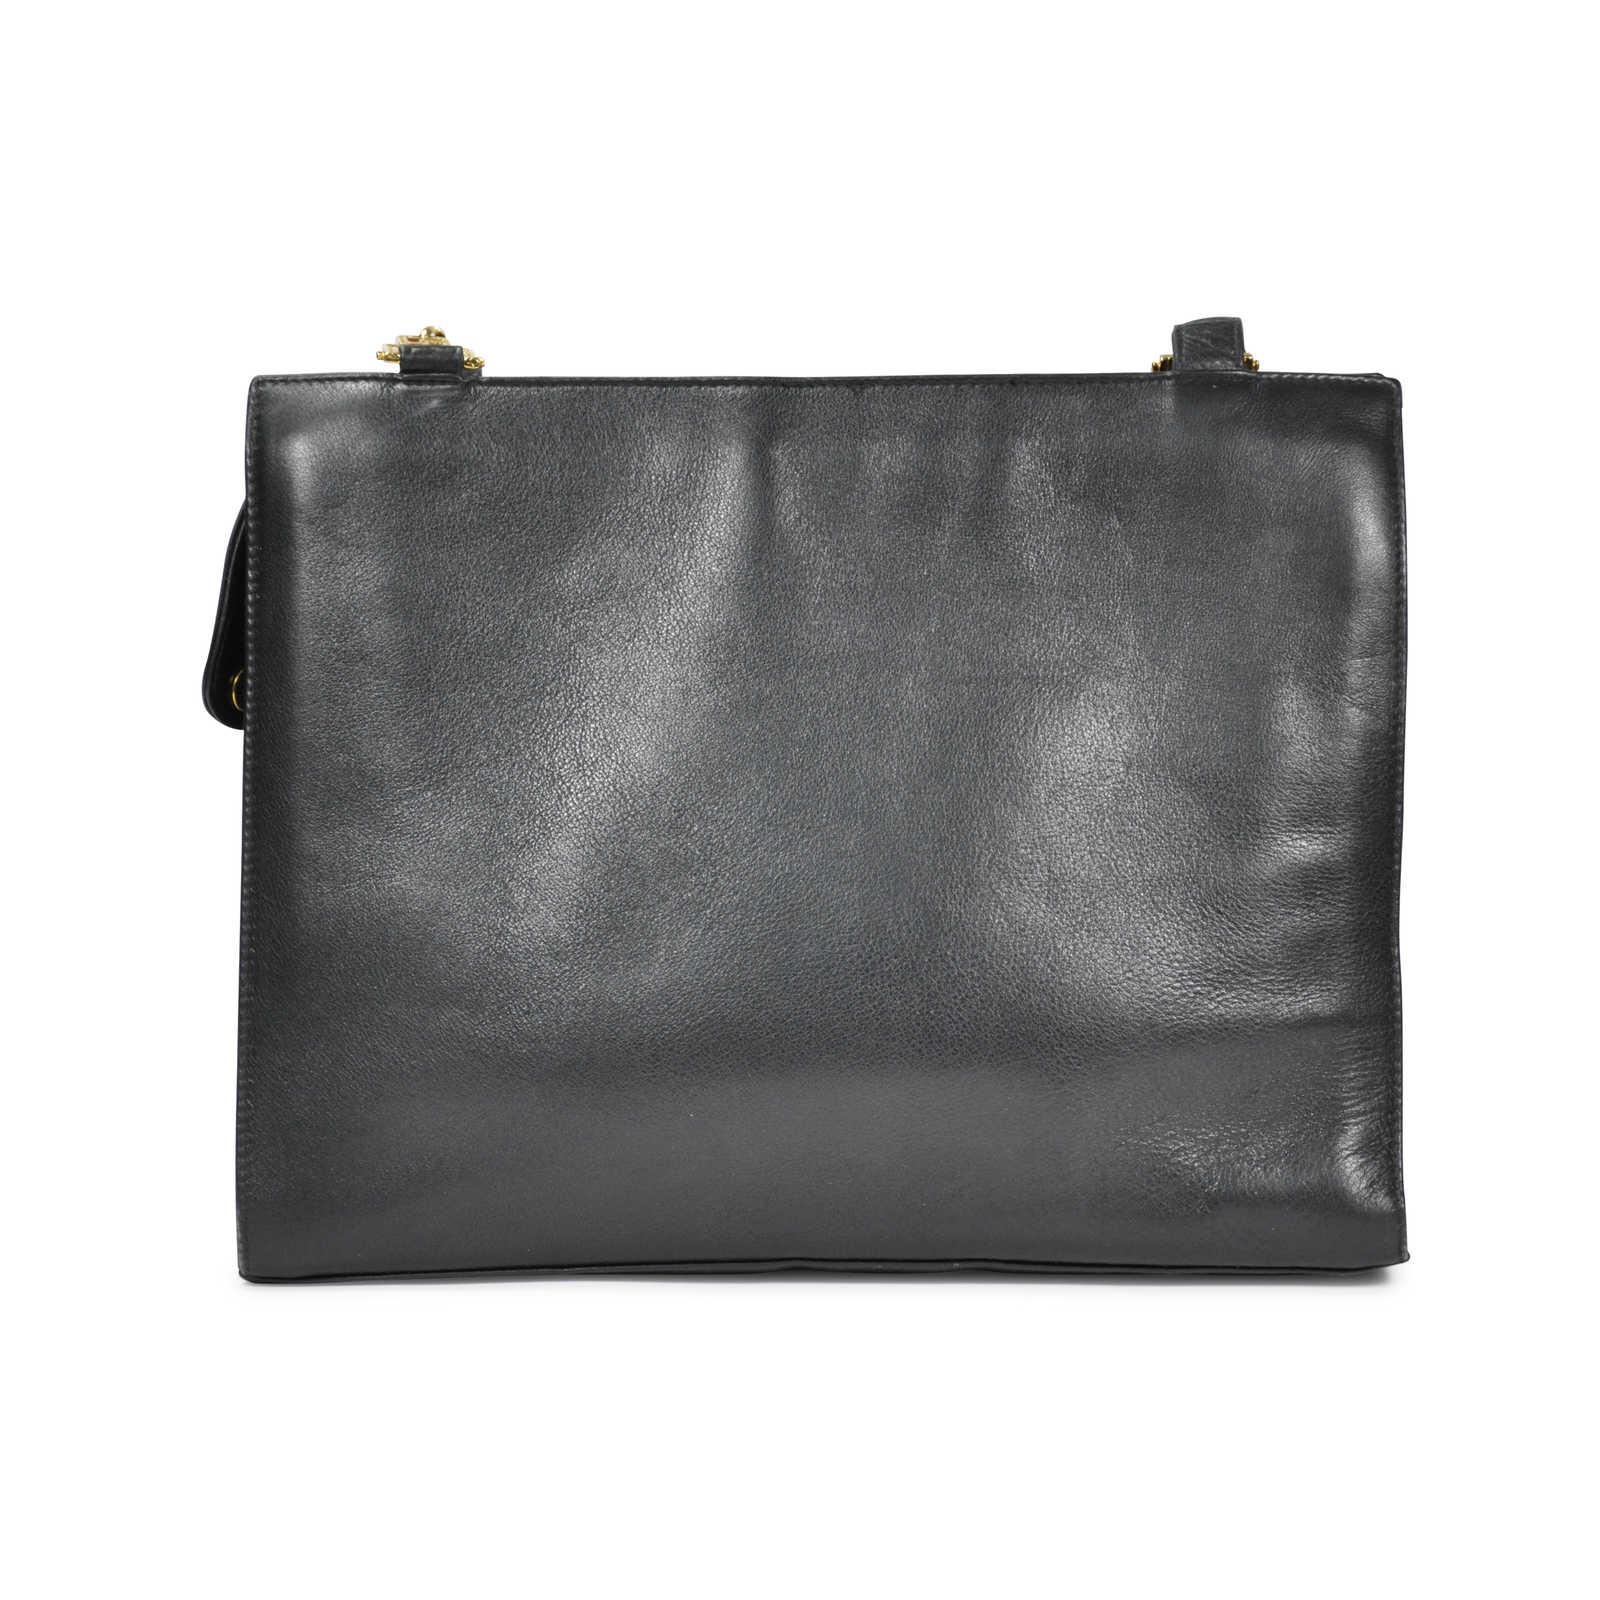 ... Authentic Vintage Versace Medusa Bag (PSS-201-00008) - Thumbnail 1 ... 334220b2c0a19